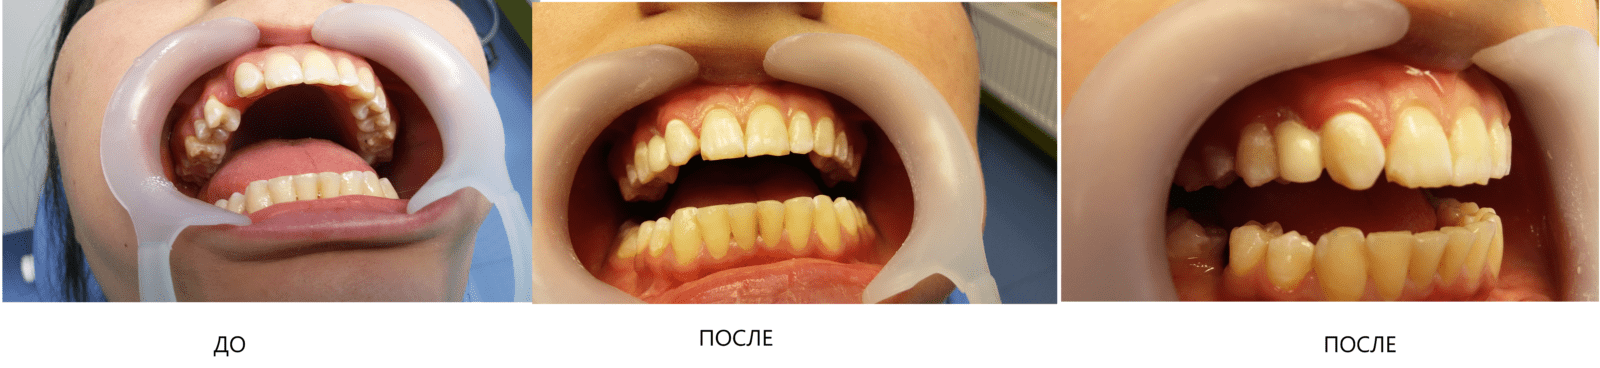 Восстановление отсутствующего 13 зуба в одно посещение